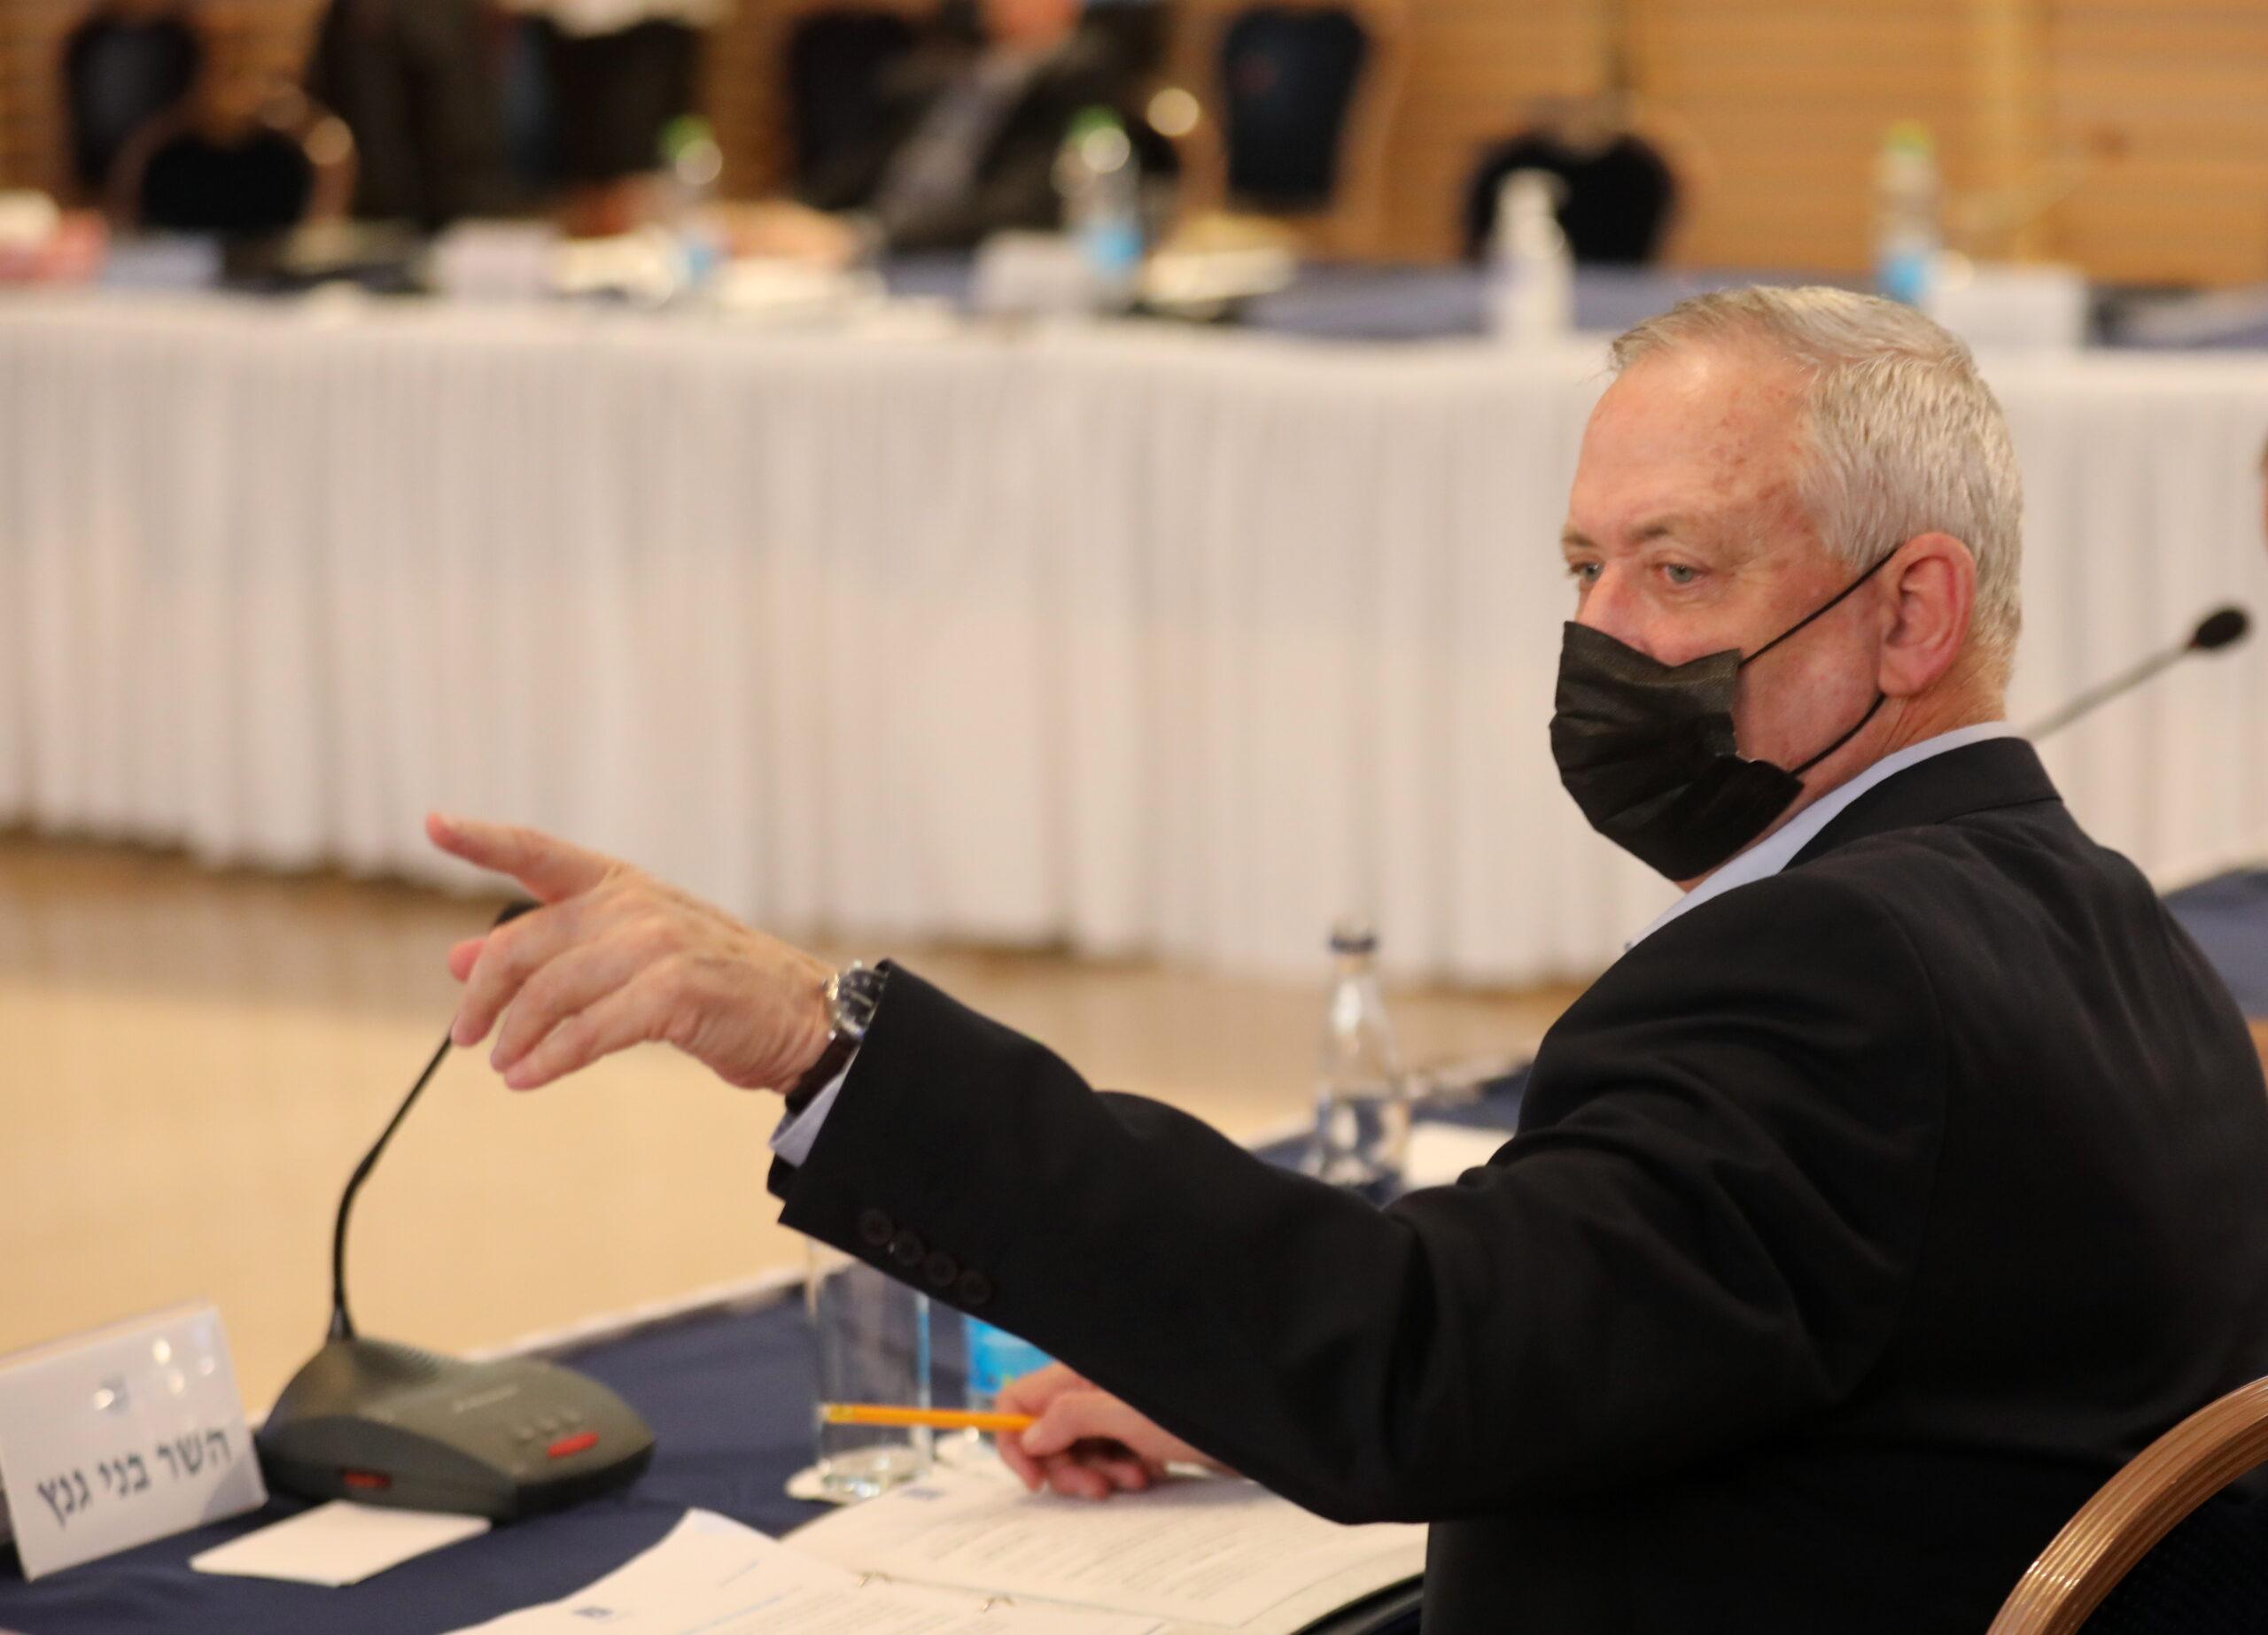 Ganz és Abbász találkozott, de Bennett szerint nem indulnak újra a béketárgyalások